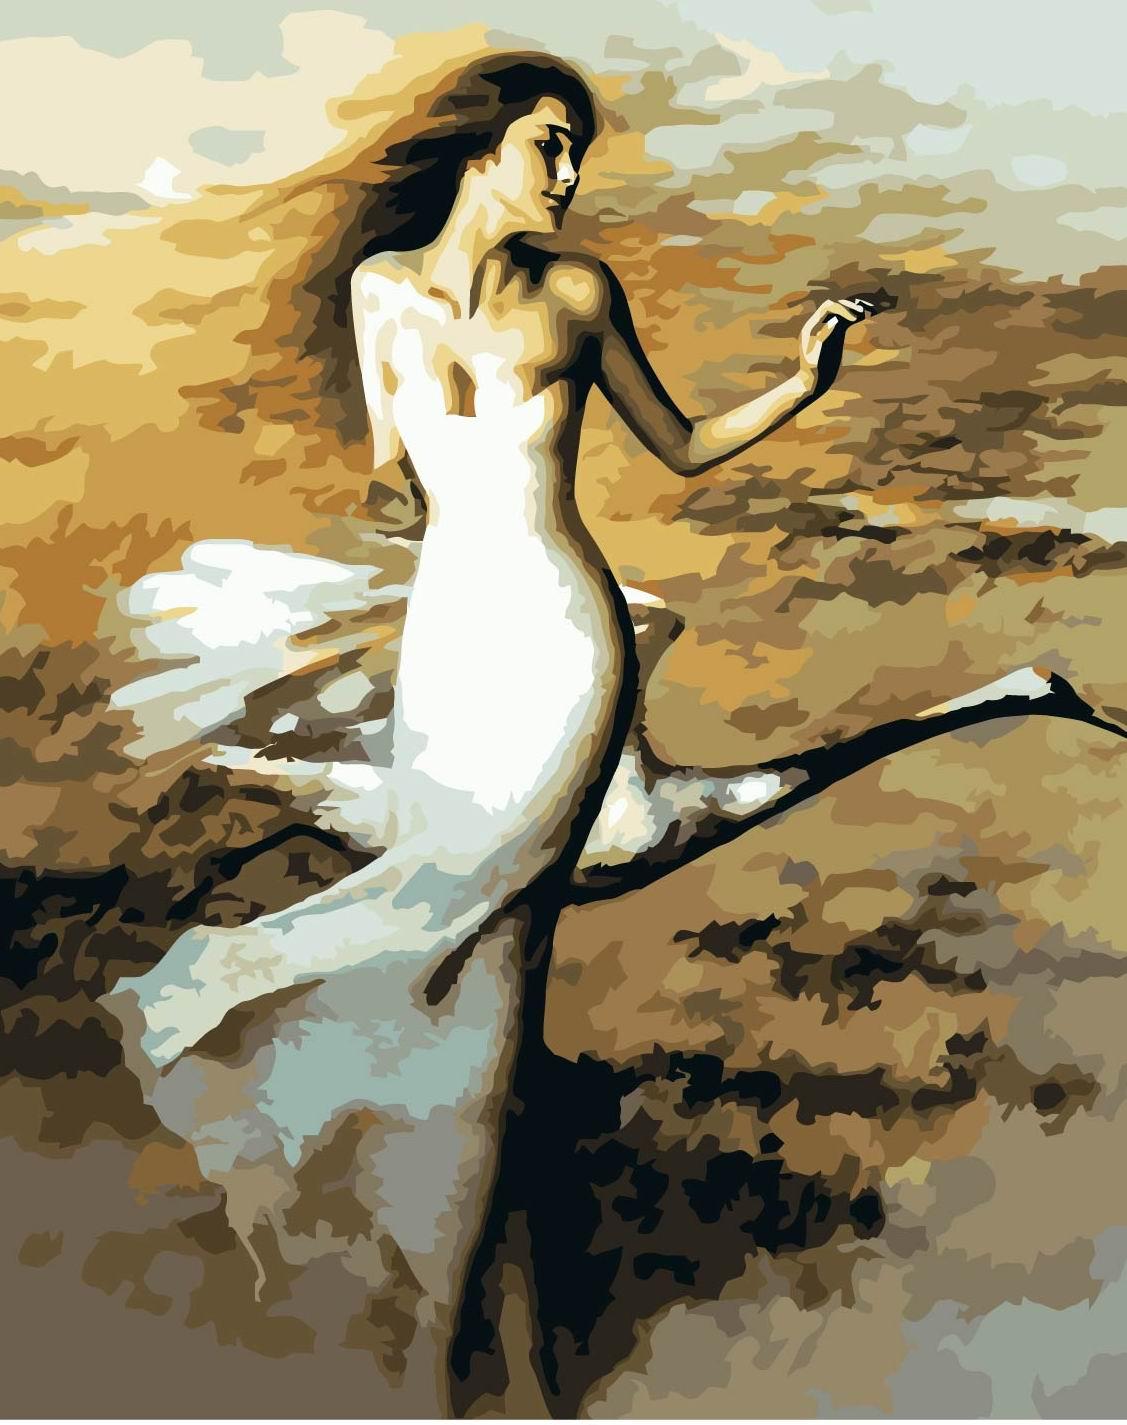 毕加索斗牛士油画赏析,毕加索油画,毕加索油画作品大全,毕加高清图片